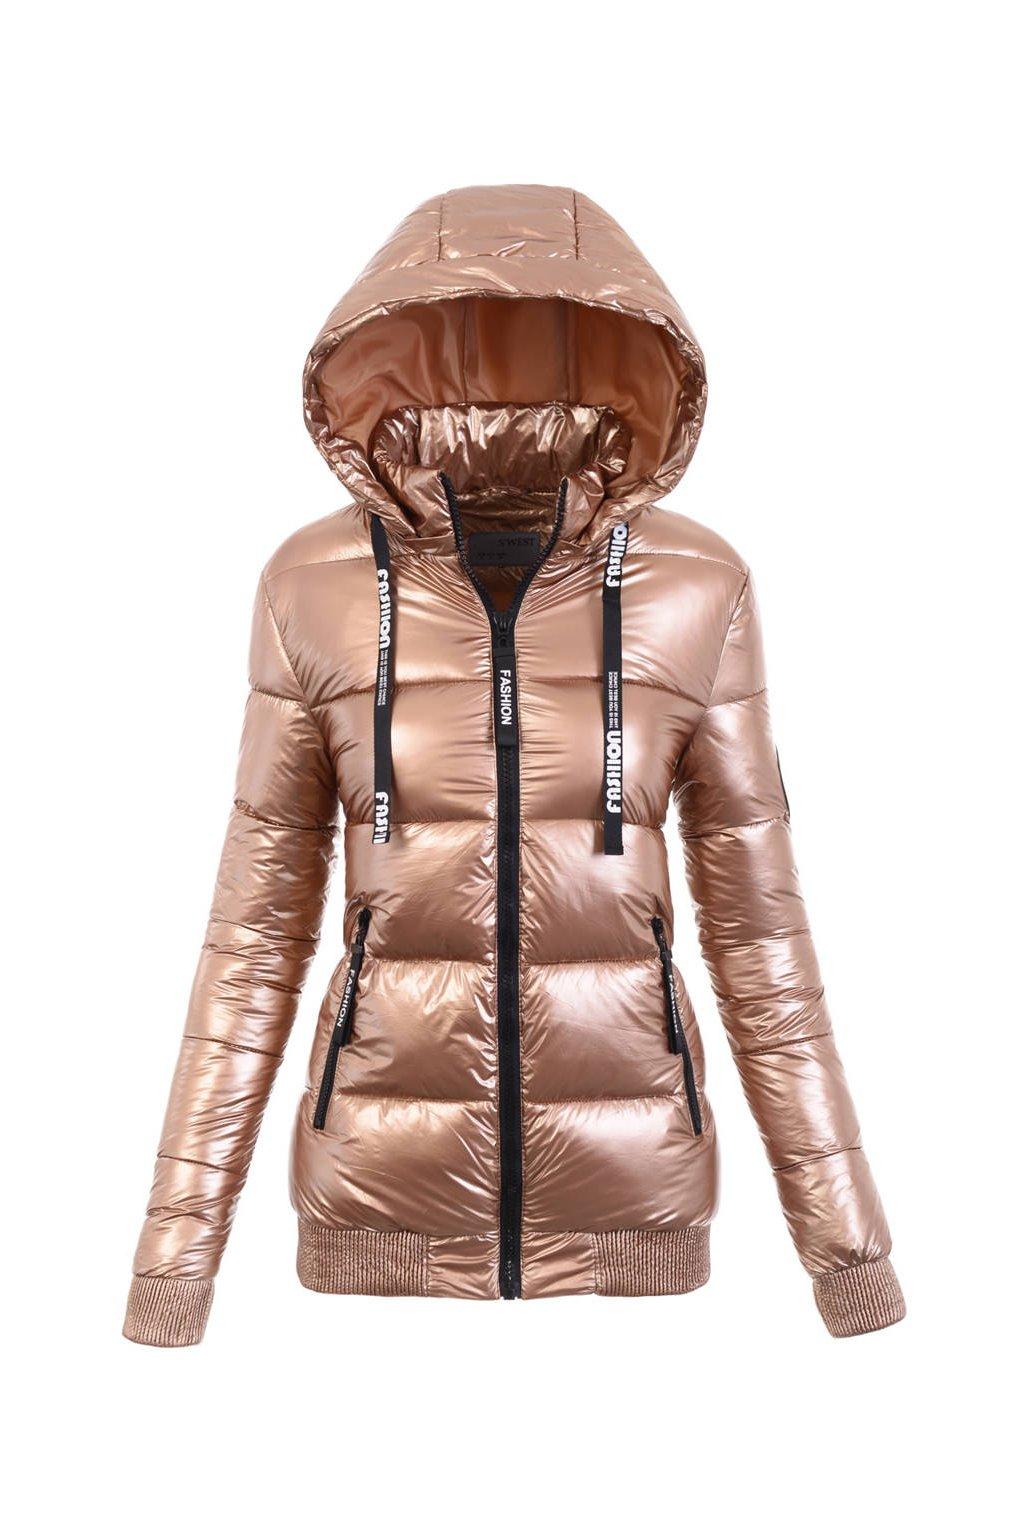 Dámska zimná bunda s kapucňou 6109 zlatá